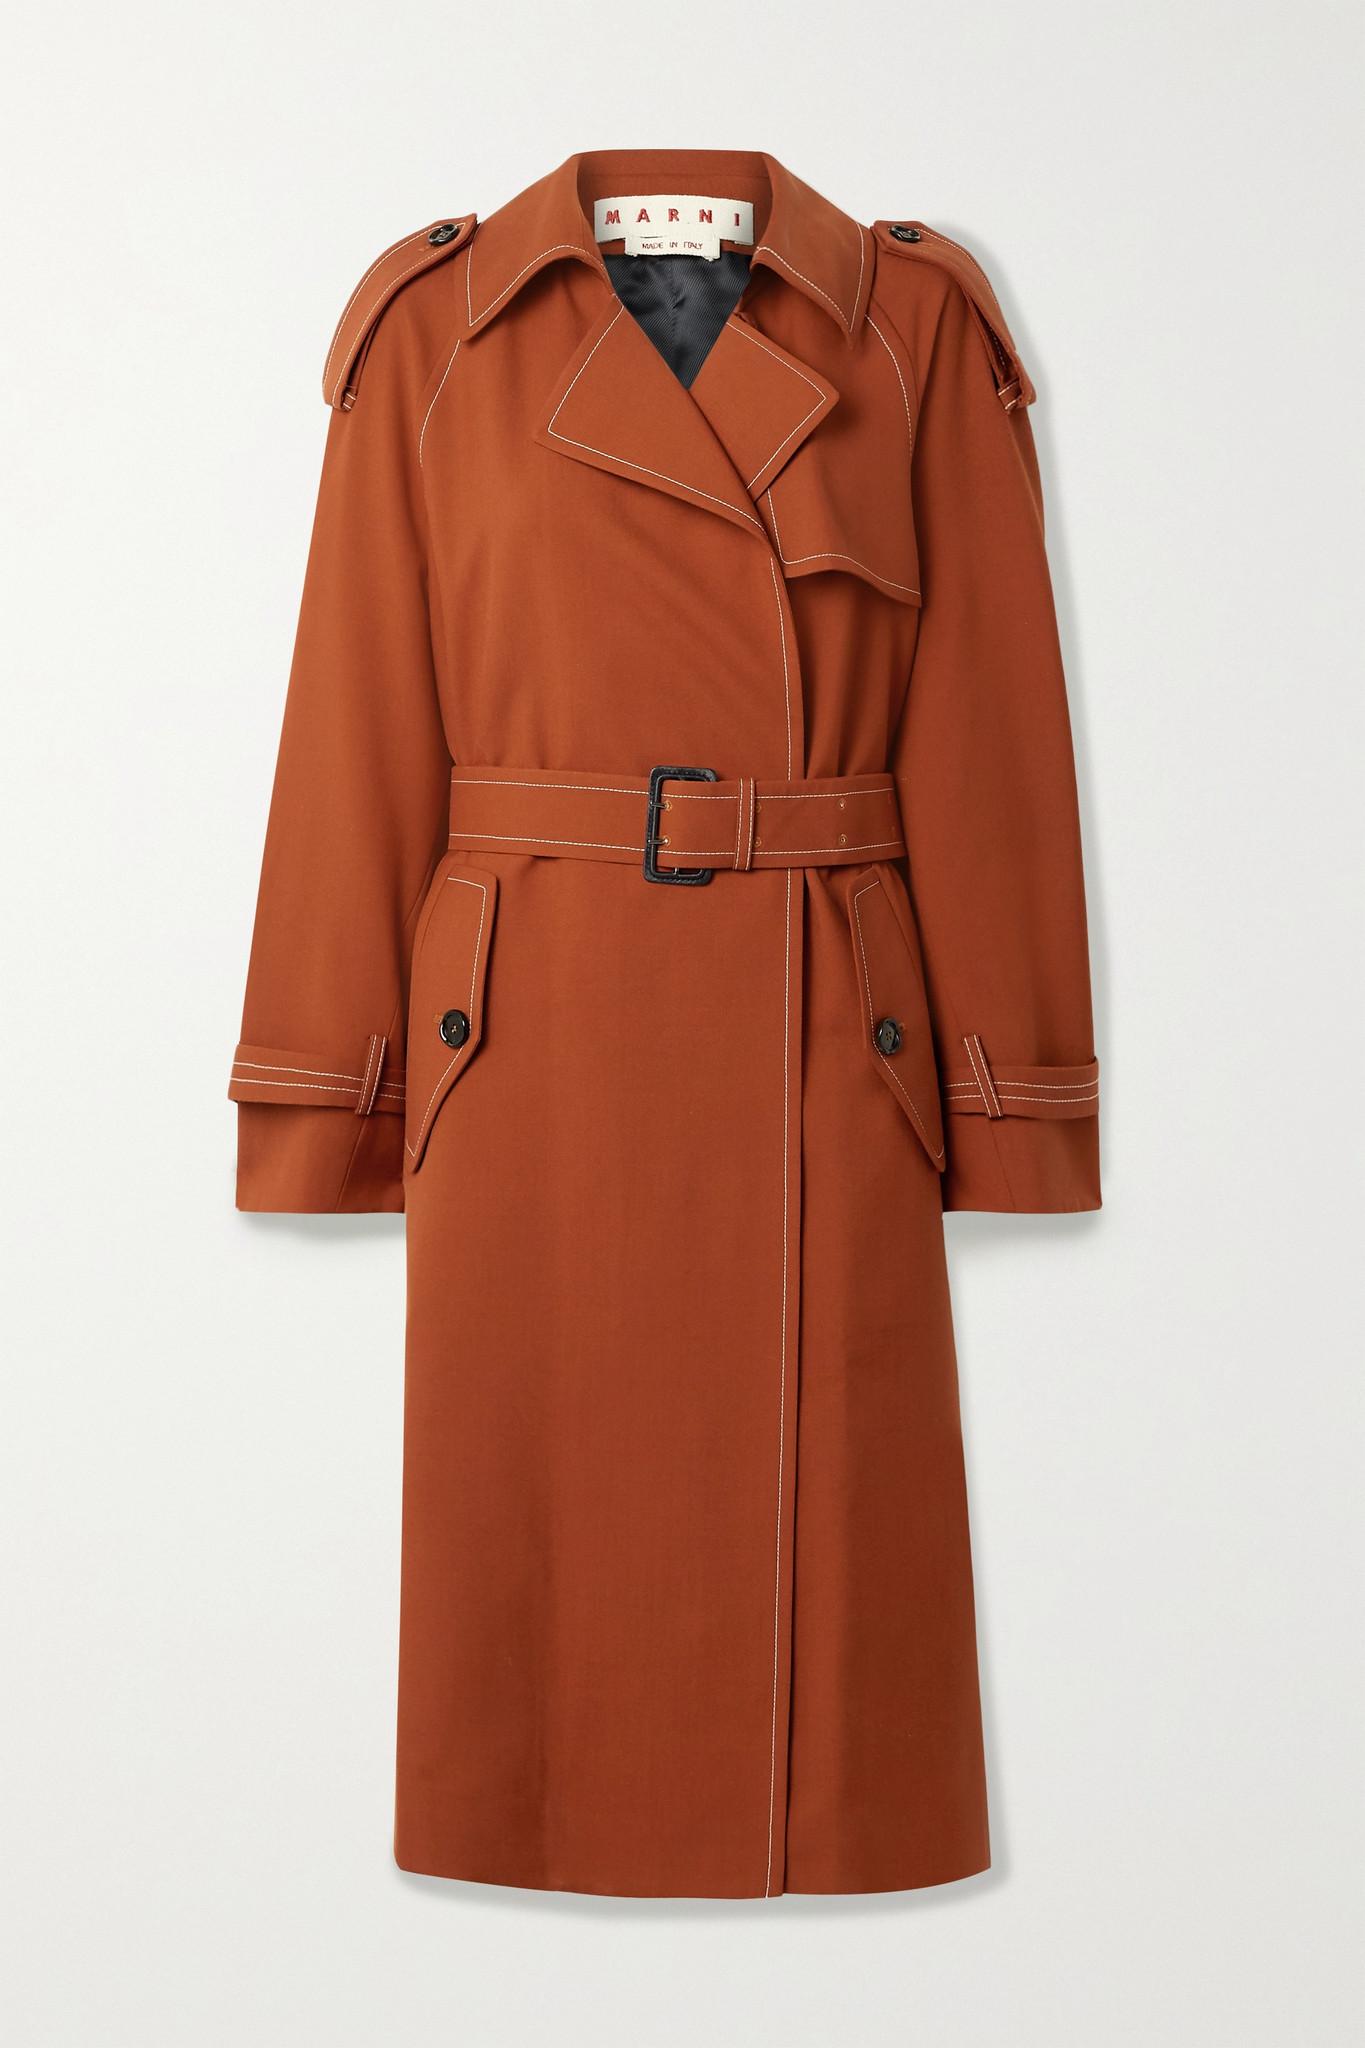 MARNI - 配腰带羊毛斜纹布风衣 - 红色 - IT40